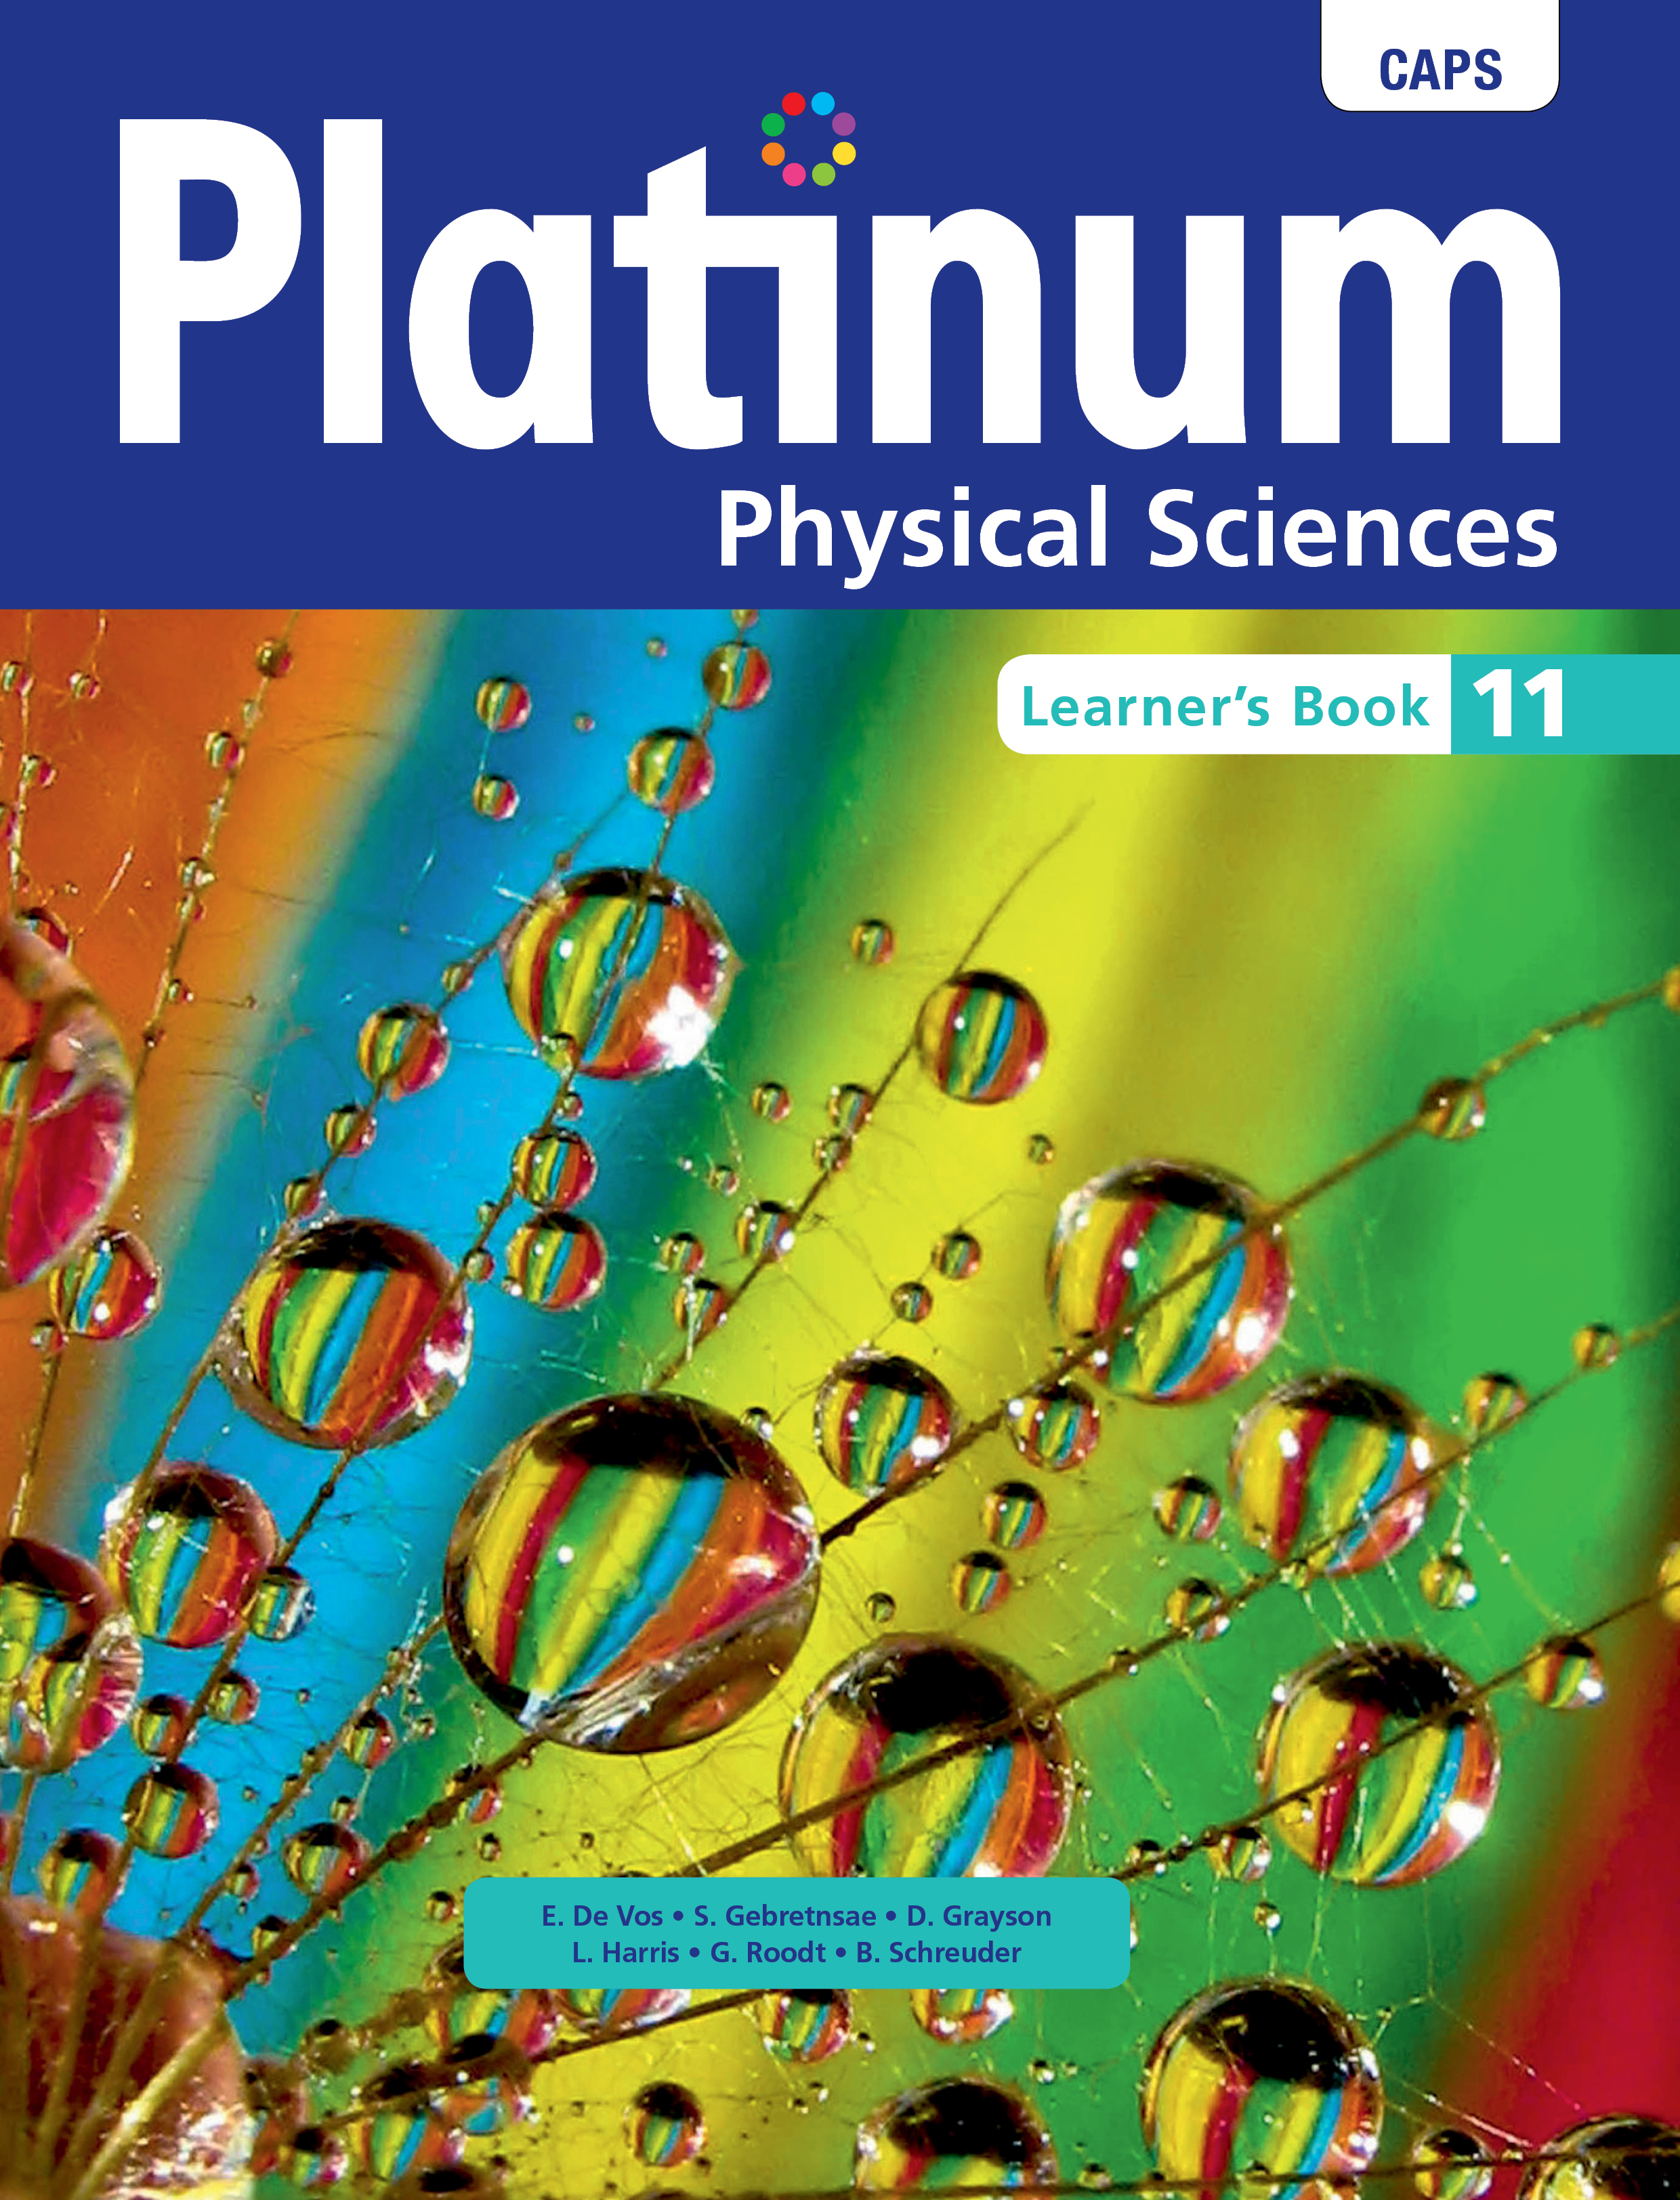 Picture of Platinum physical sciences CAPS